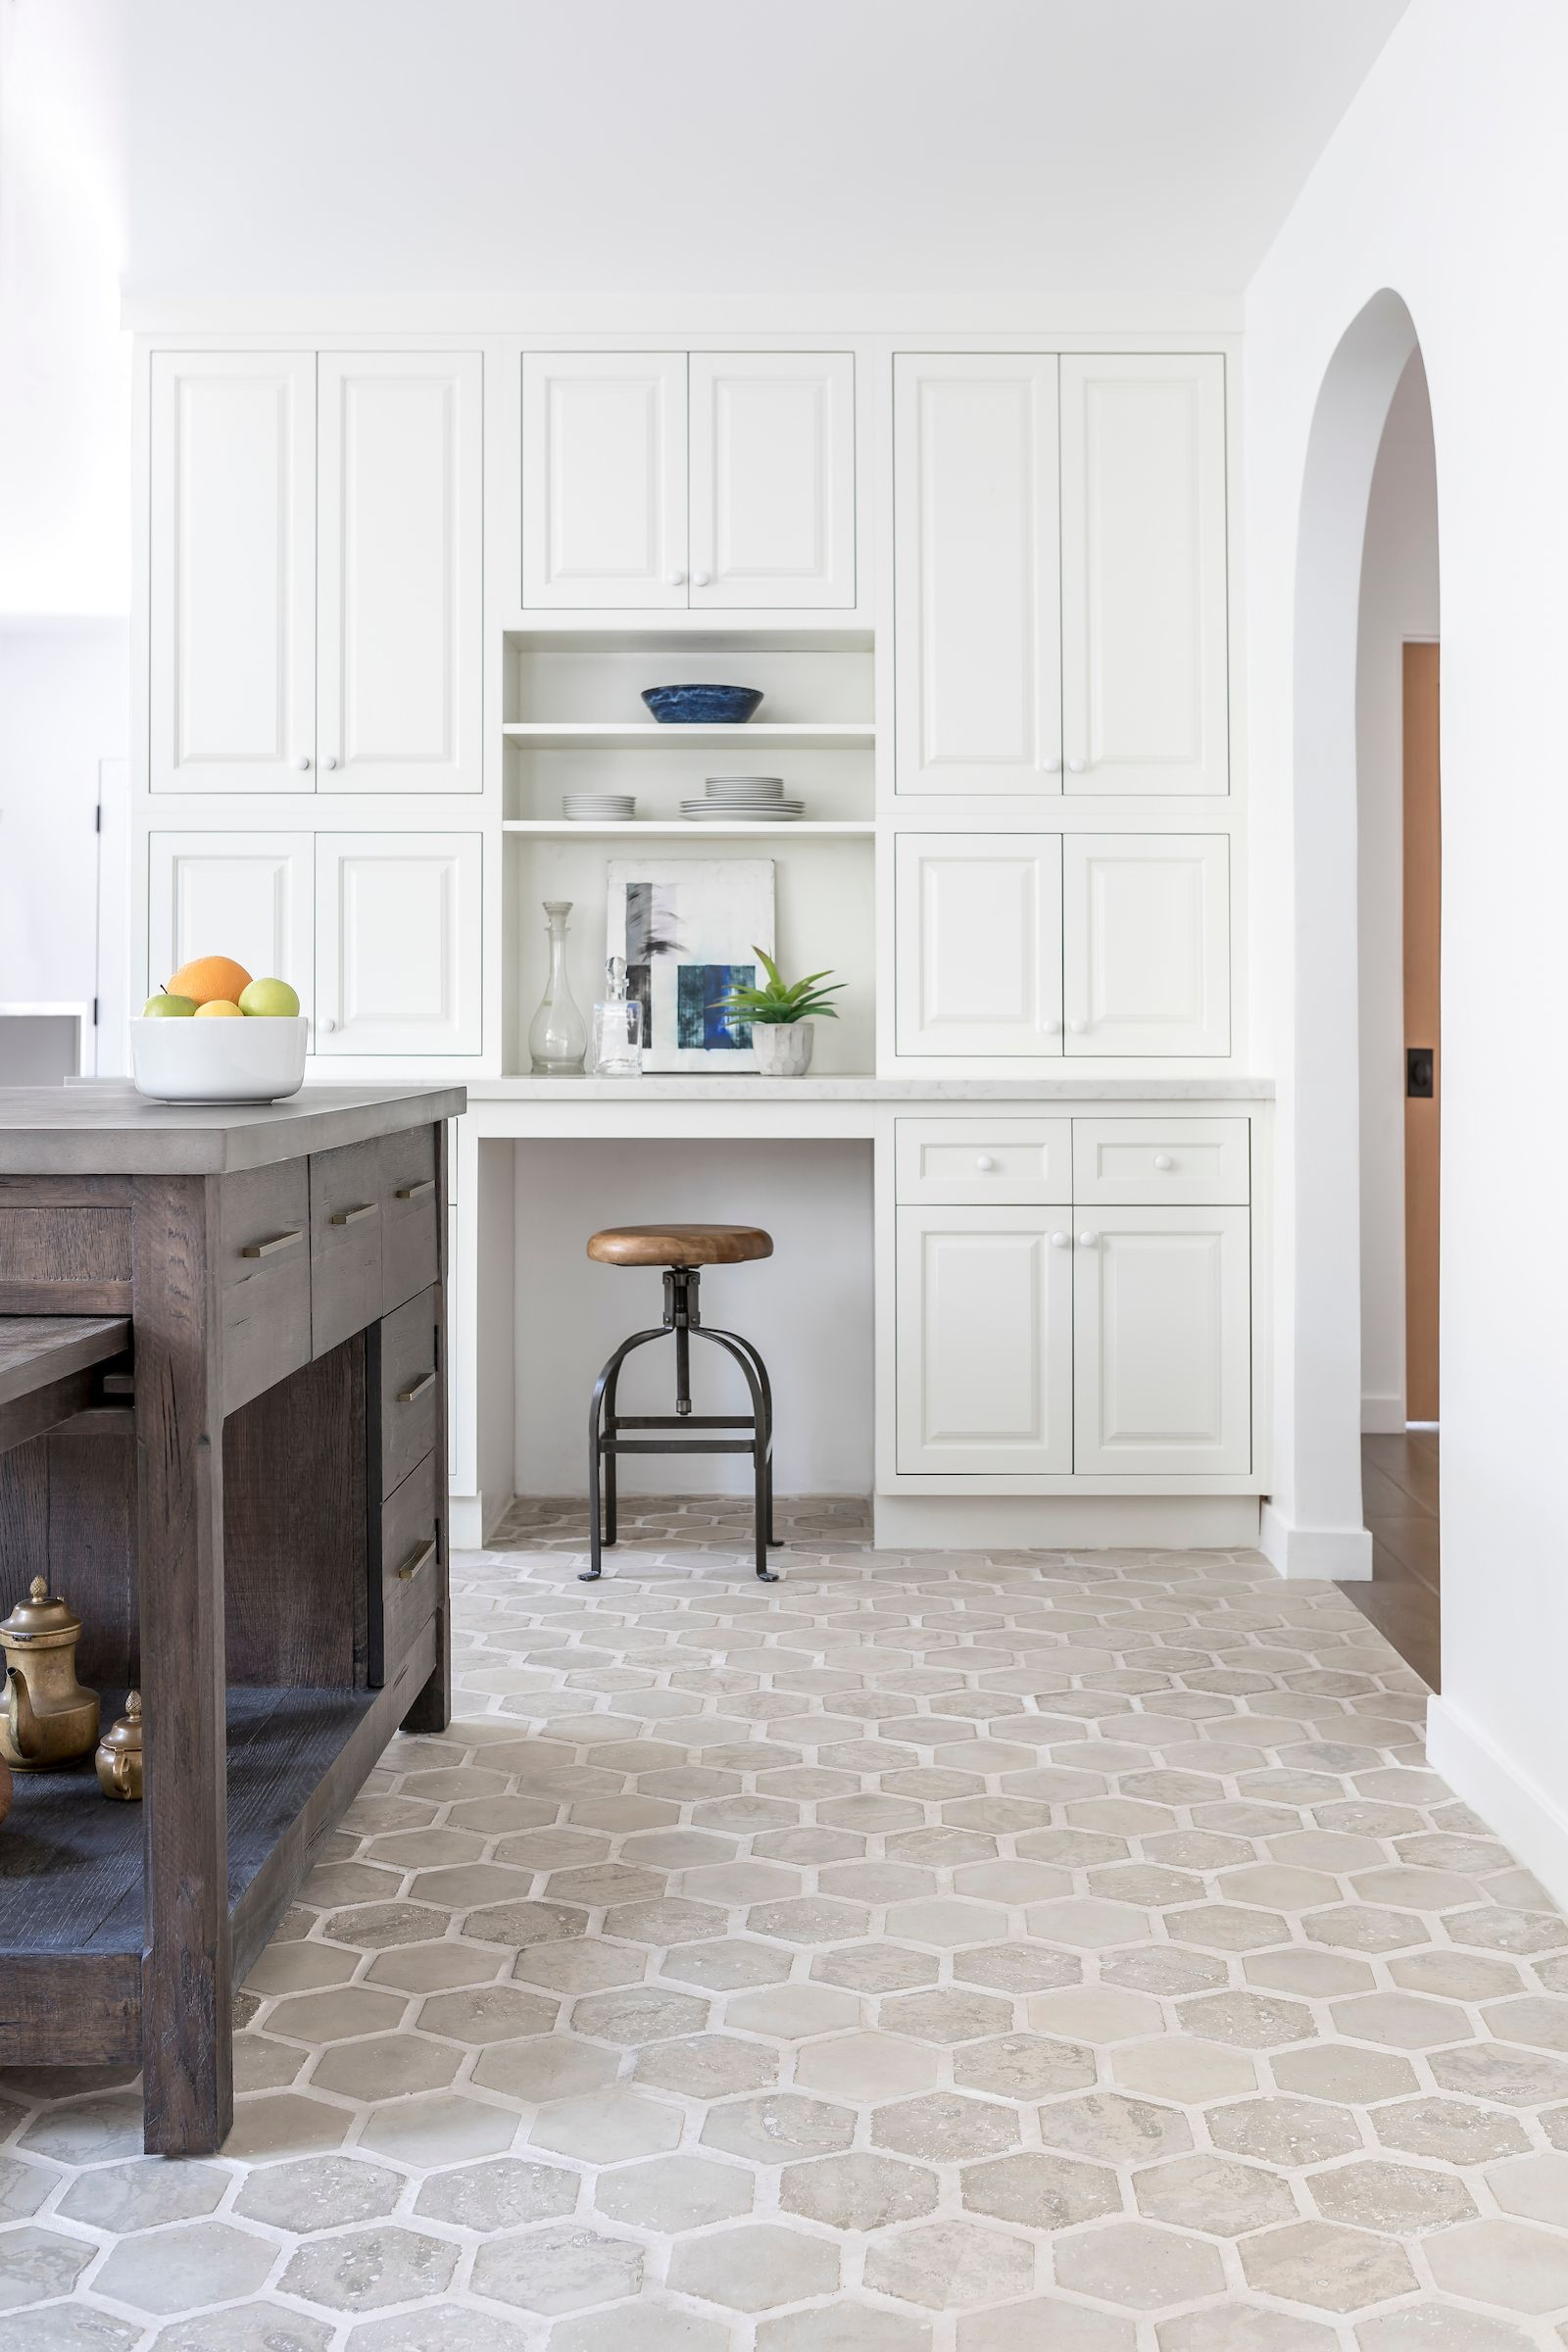 Hexagon Concrete Tile Floor In A Neutral Kitchen Kitchen Flooring Kitchen Floor Tile Concrete Tile Floor